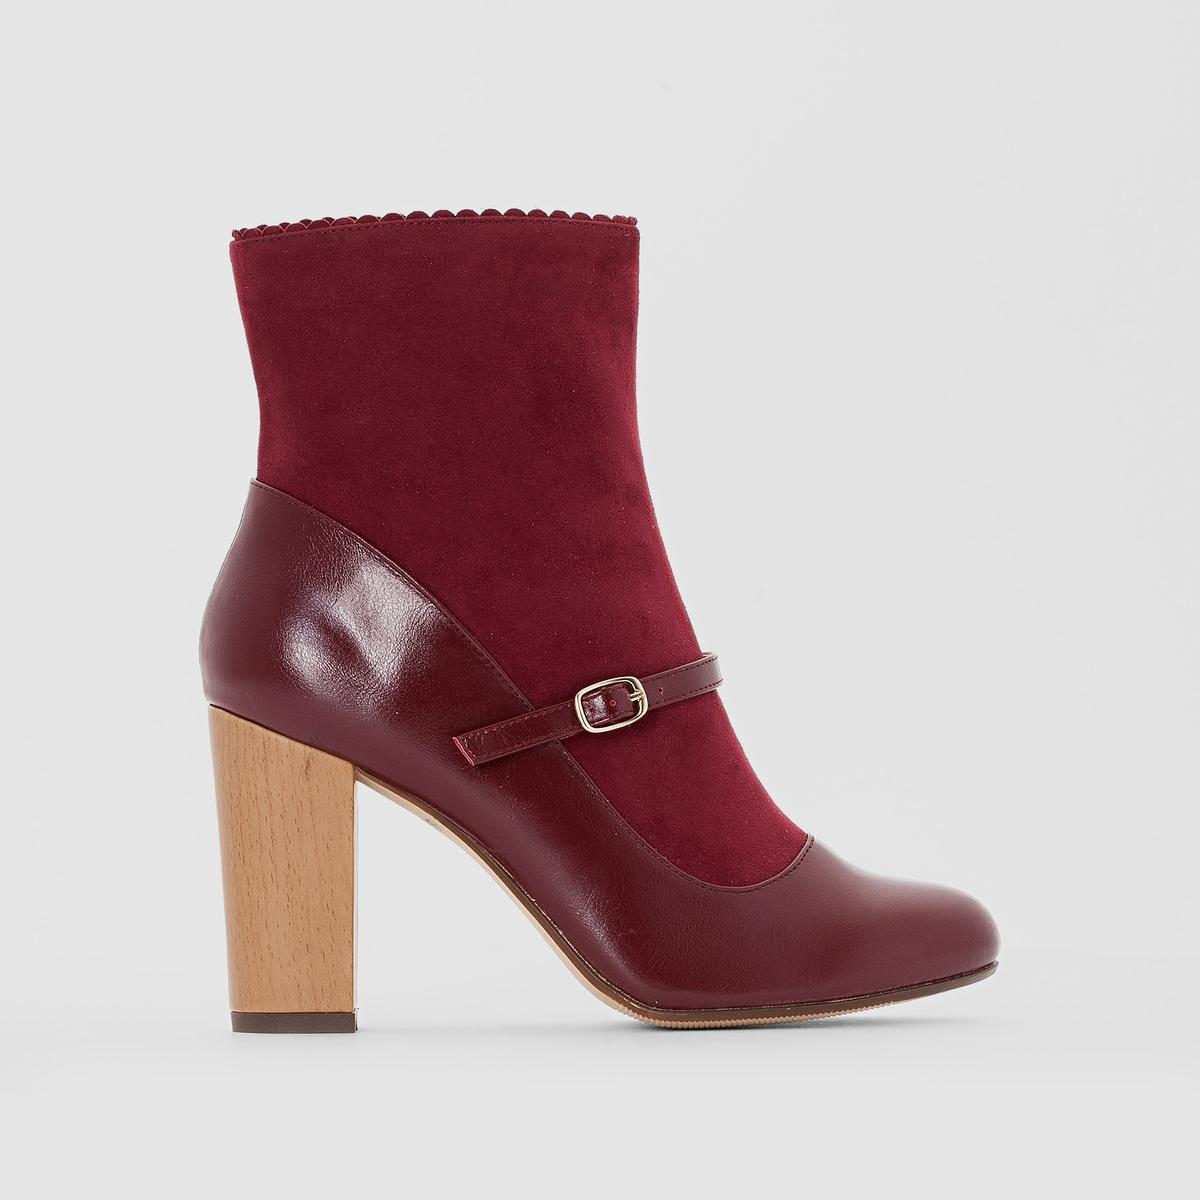 Ботильоны кожаные, каблук под деревоПодкладка : кожа и текстиль     Стелька : кожа     Подошва : эластомер     Высота каблука : 8,5 см.     Форма каблука : широкий     Мысок : закругленный     Застежка : молния сбоку     Марка: Mademoiselle R.<br><br>Цвет: красный темный<br>Размер: 38